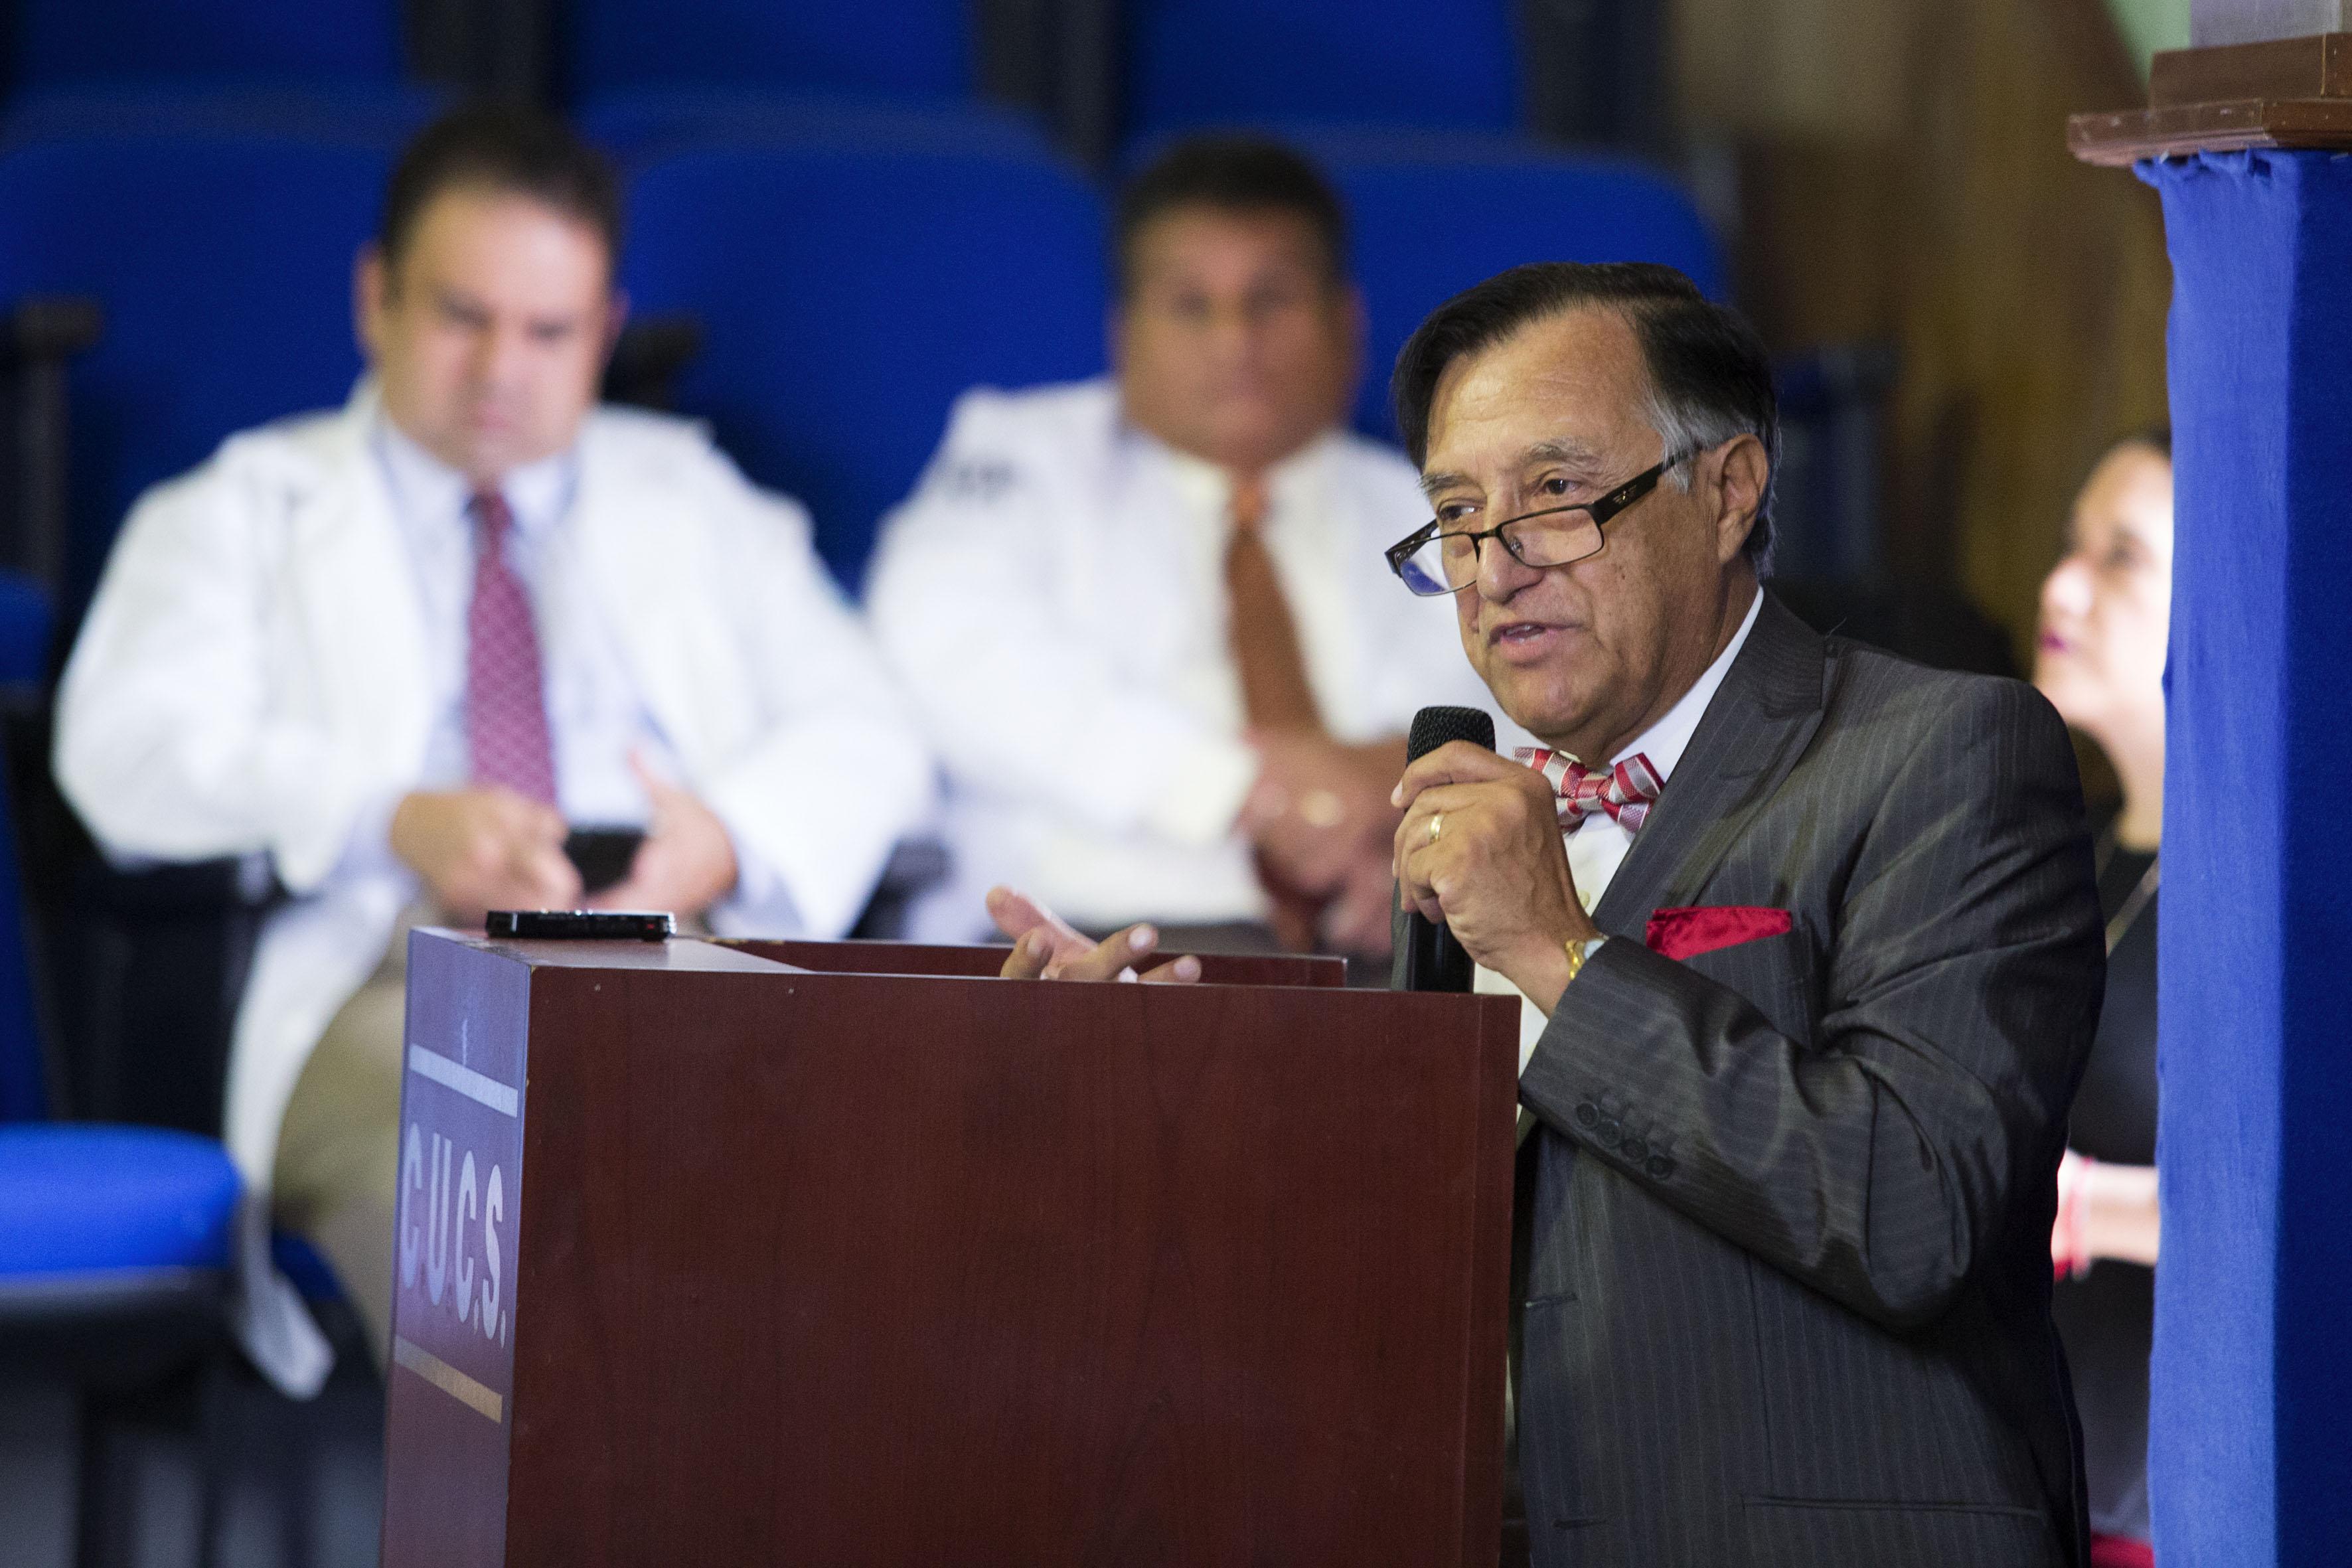 Ponente haciendo uso de la palabra durante la inauguración del Segundo Simposio Interinstitucional, con motivo del Día Mundial del Alzheimer, en la Antigua Escuela de Medicina.